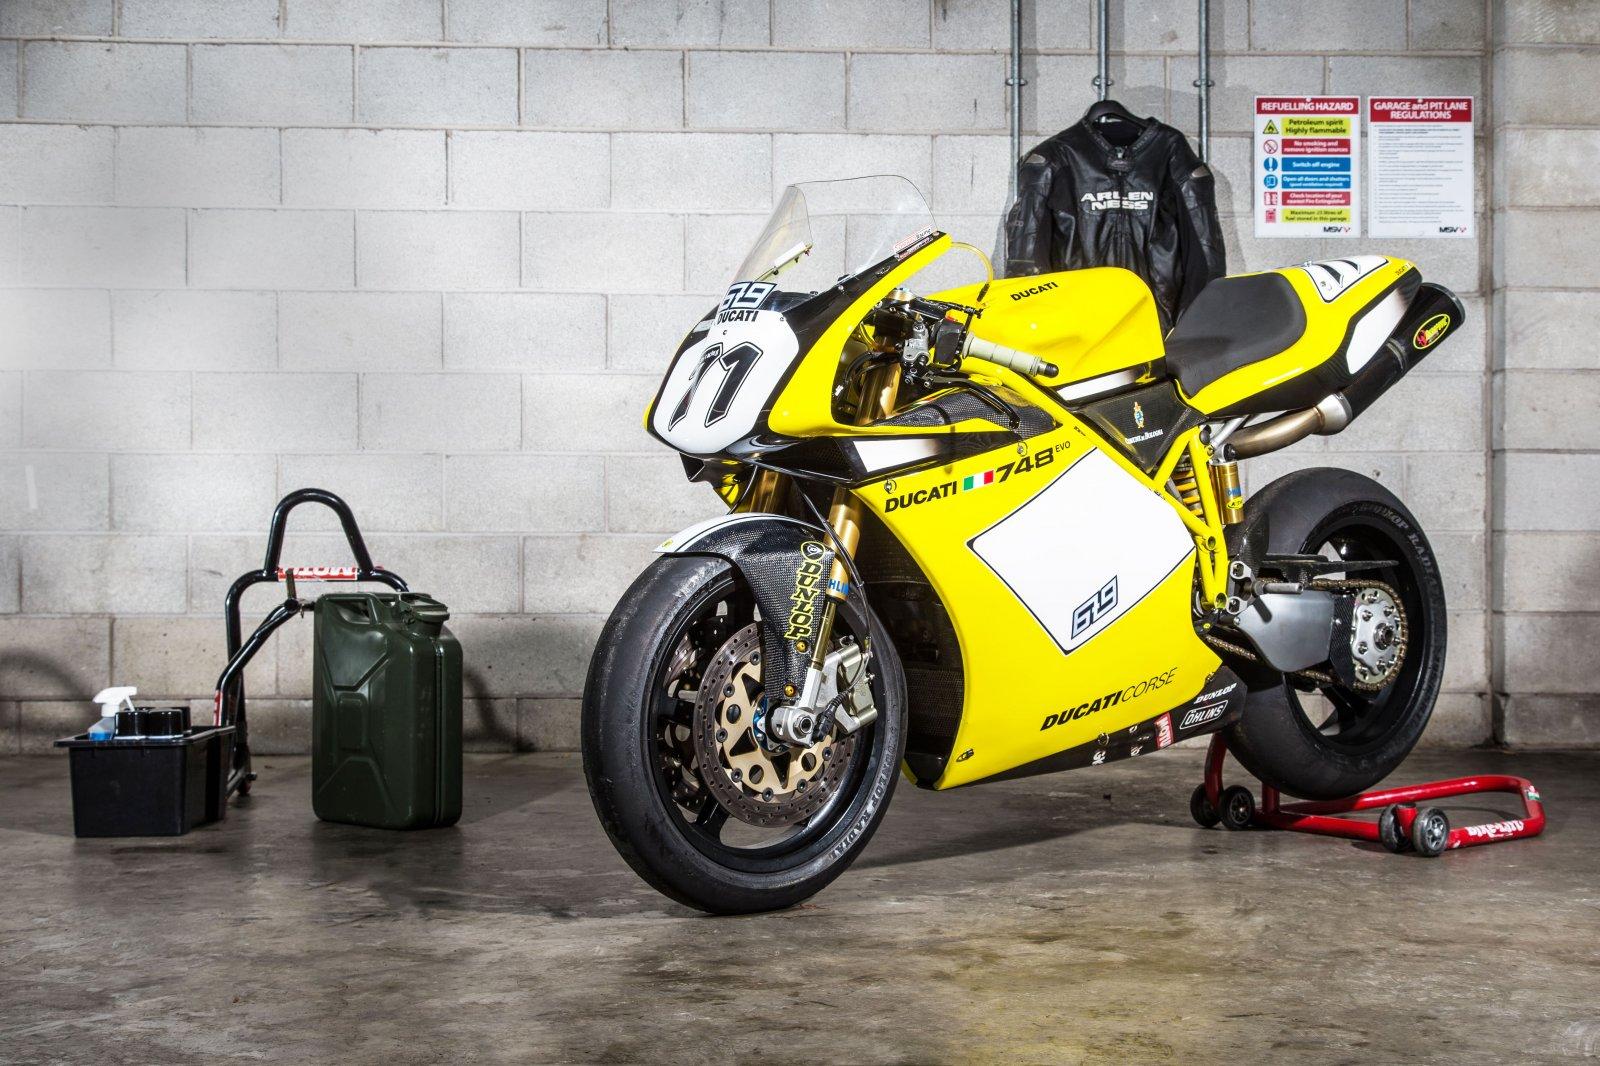 PB Ducati 748 Special-47-min.jpg